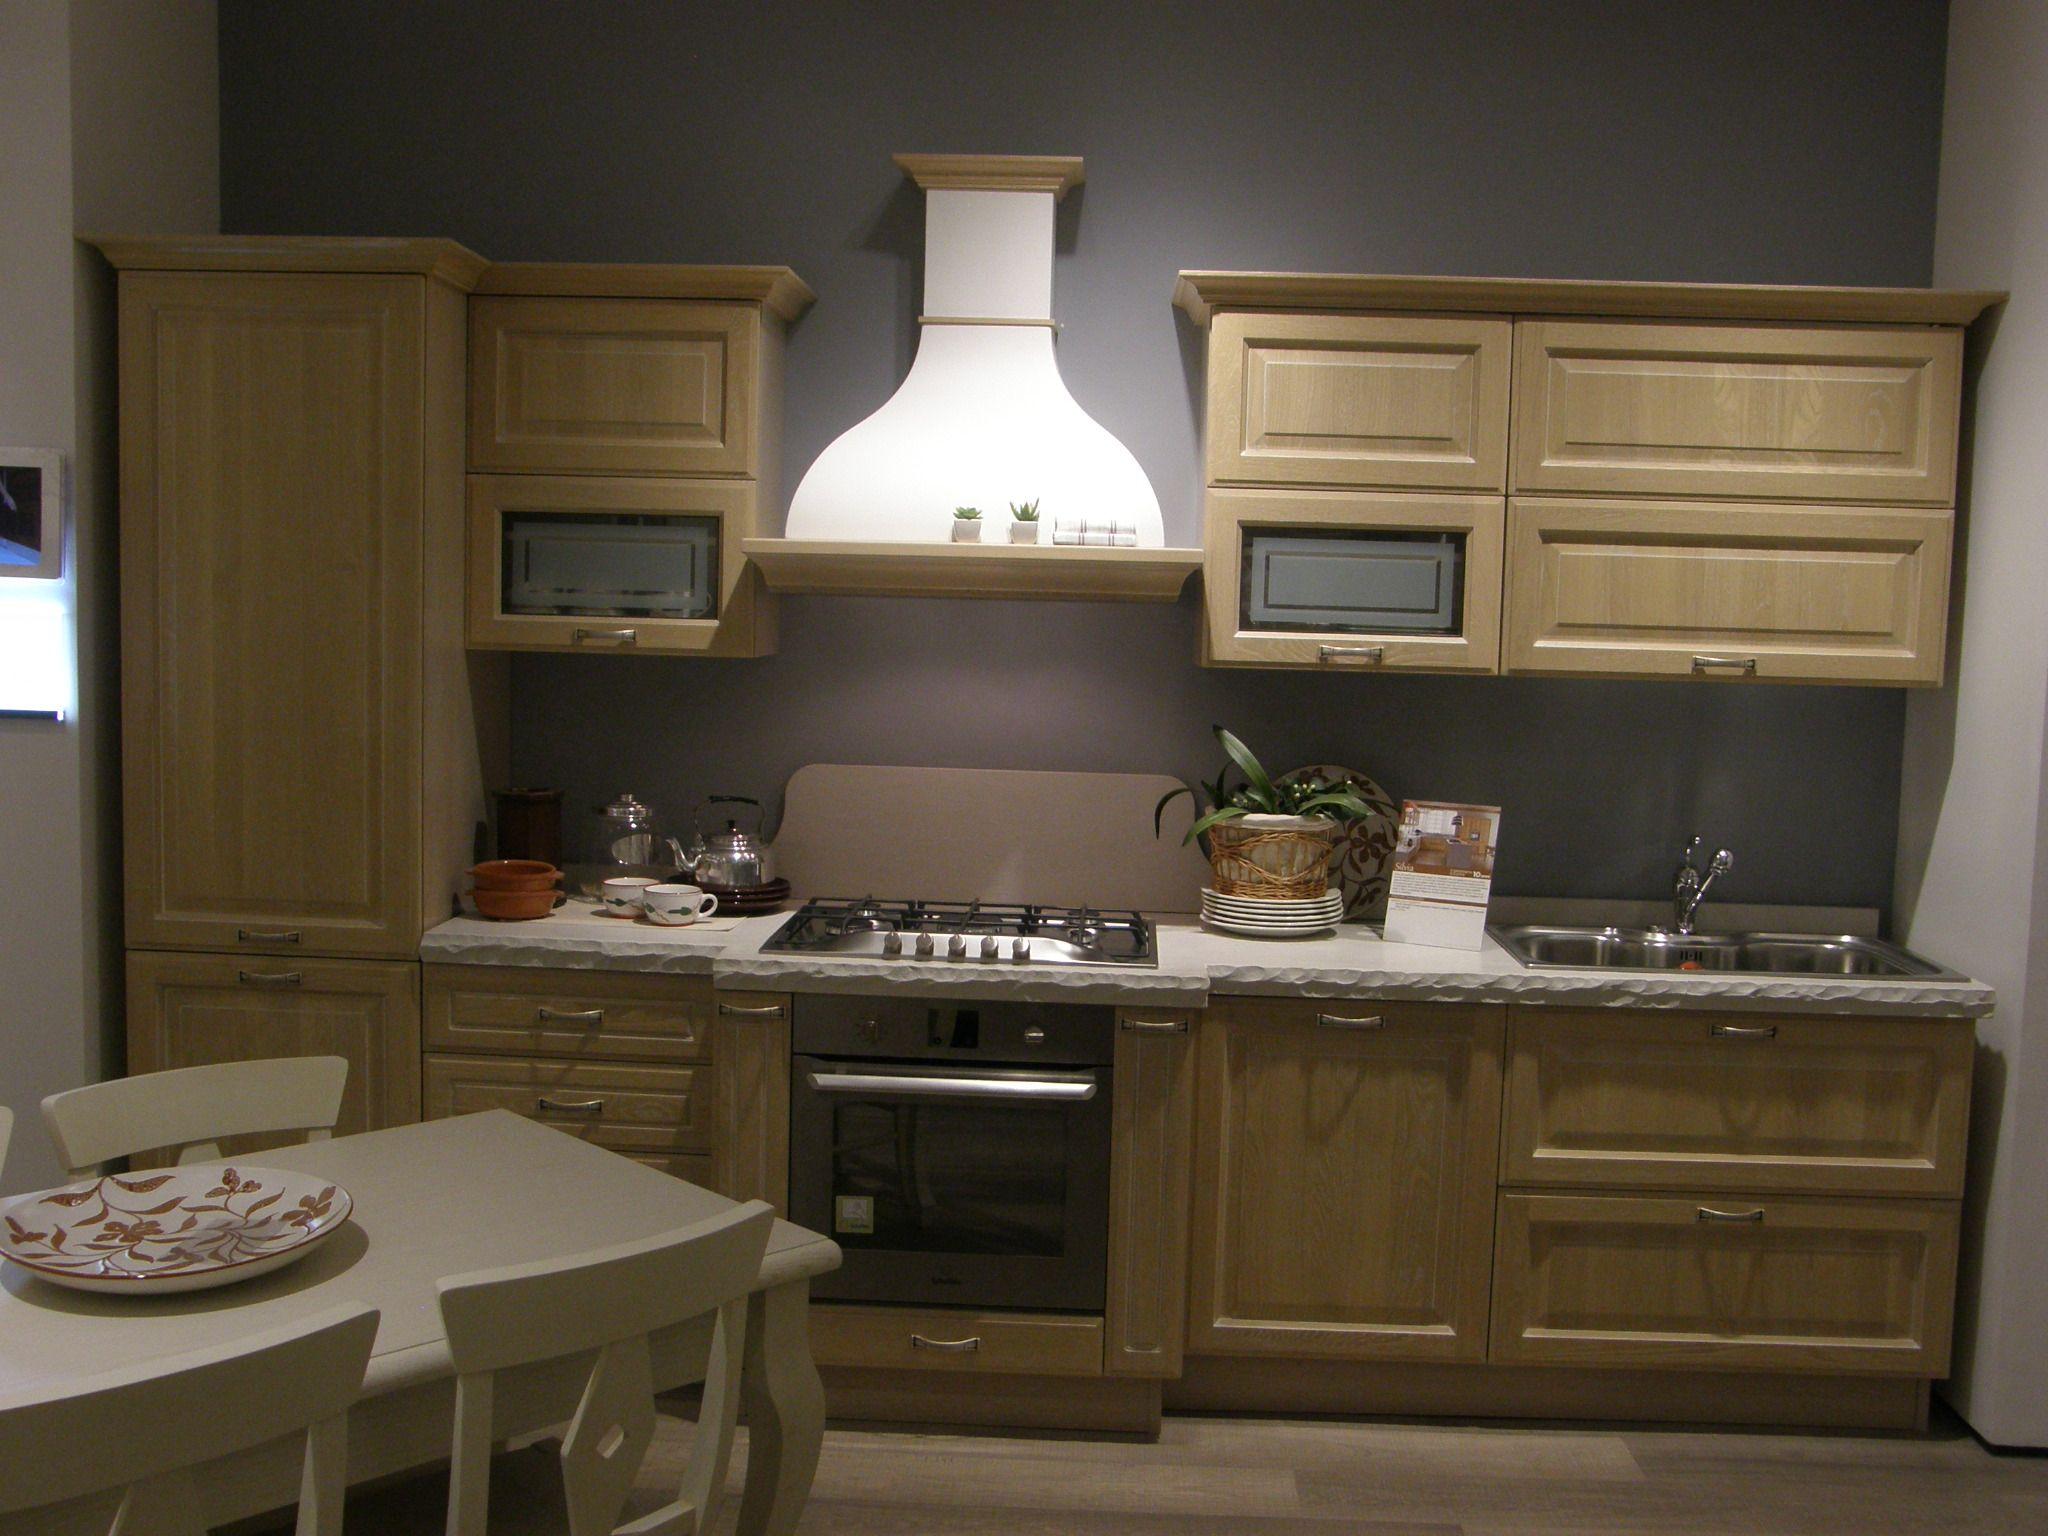 cucina classica silvia lineare scontata del 50%. approfitta subito ... - Lube Cucine Outlet